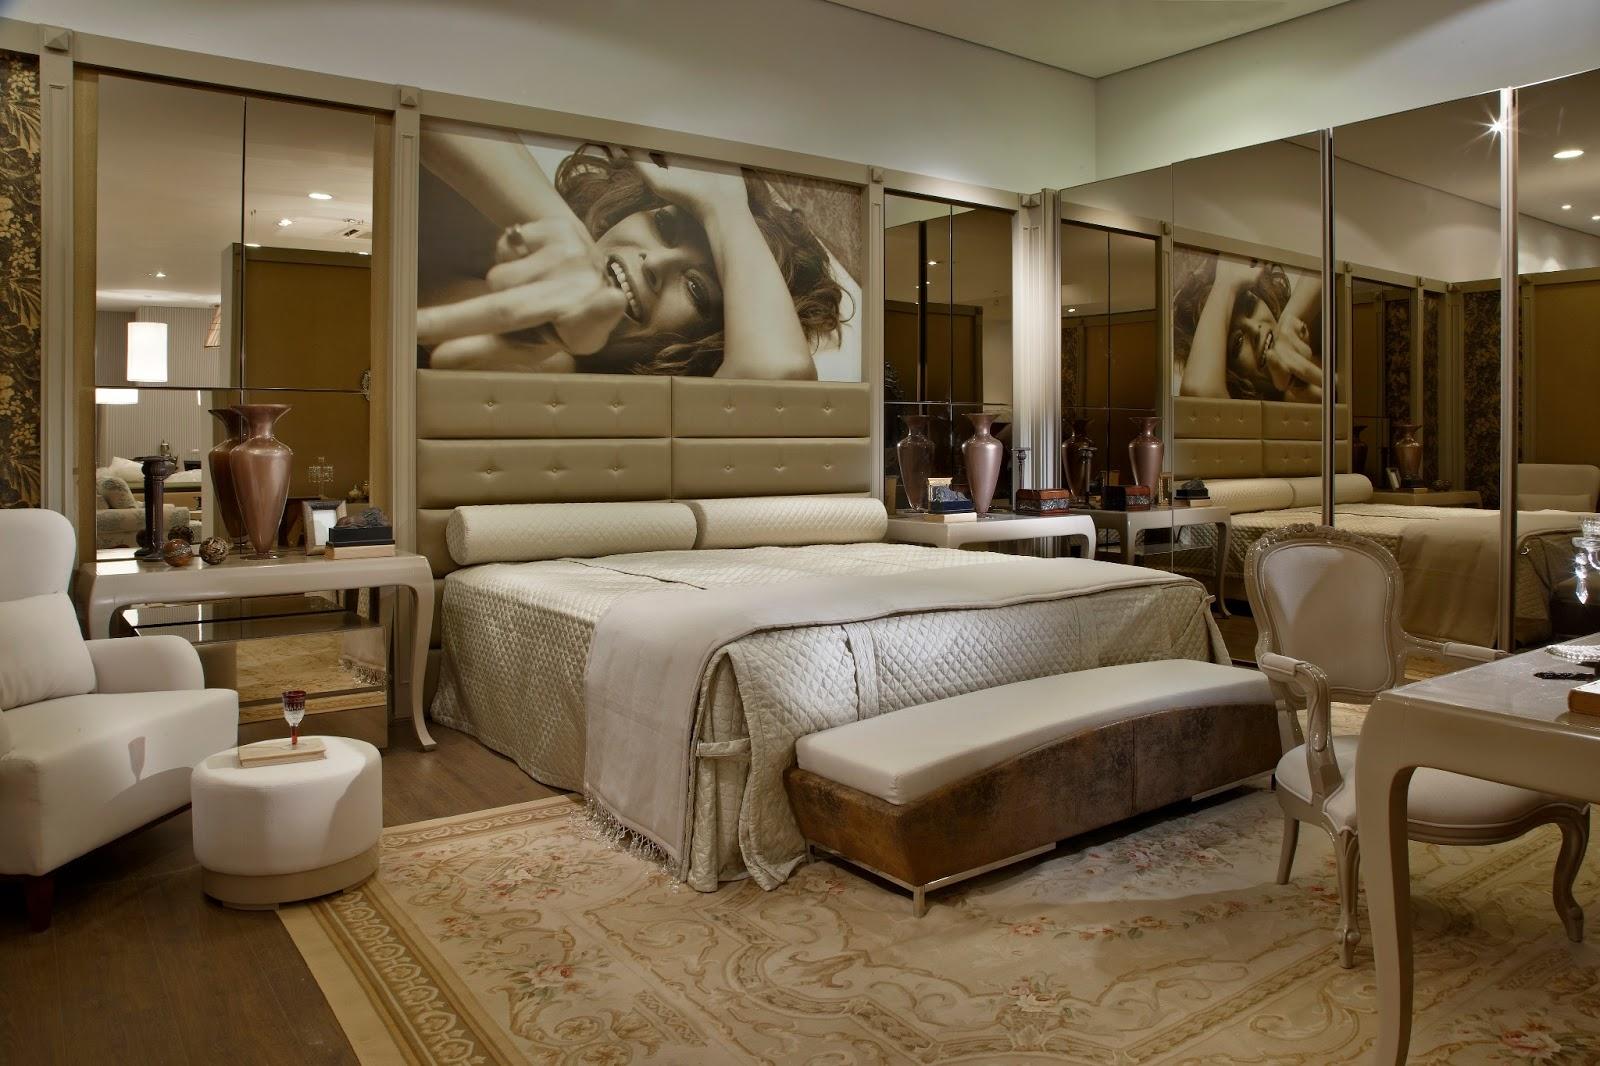 decoracao de interiores quarto de casal:World of Inspiration: QUARTO DE CASAL (onde começamos e terminamos